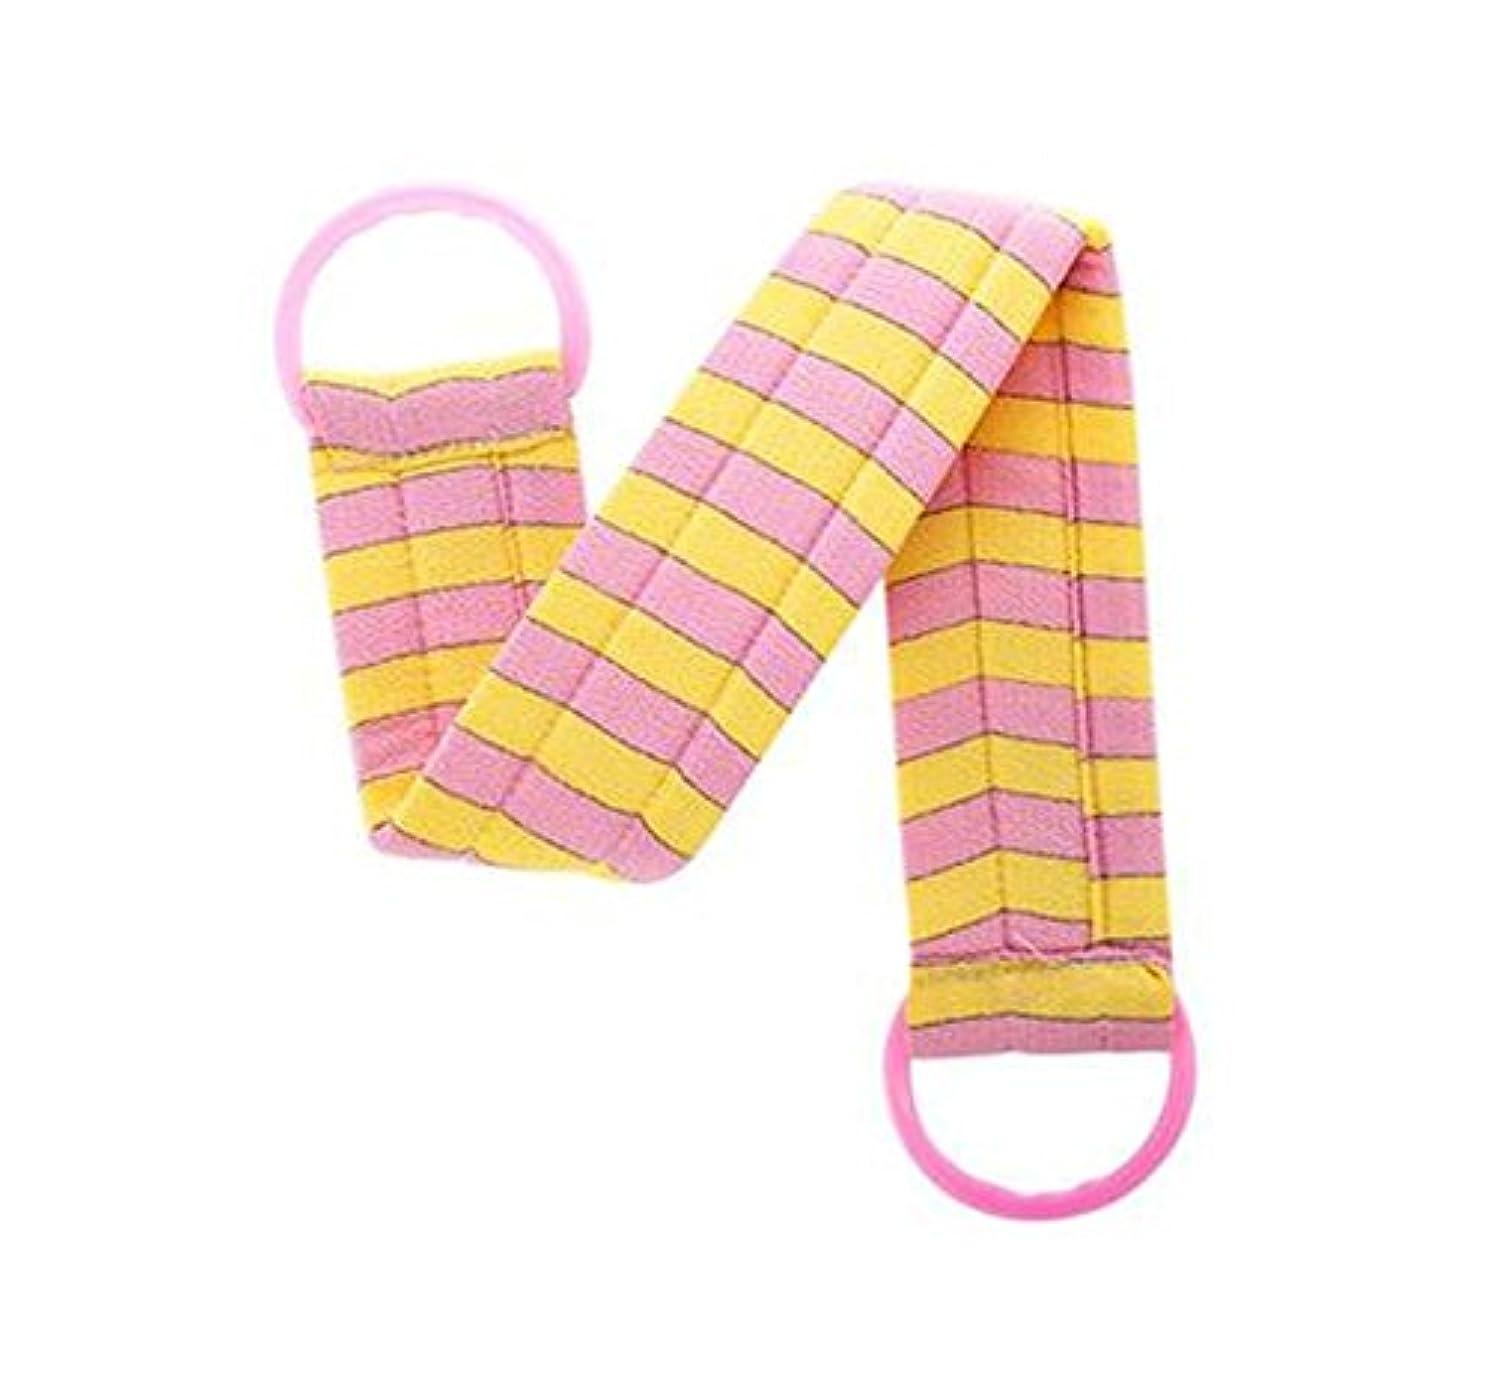 堤防クロール者2部分のボディクリーニングのバスベルトタオルの剥離のバスベルト、ピンクの黄色